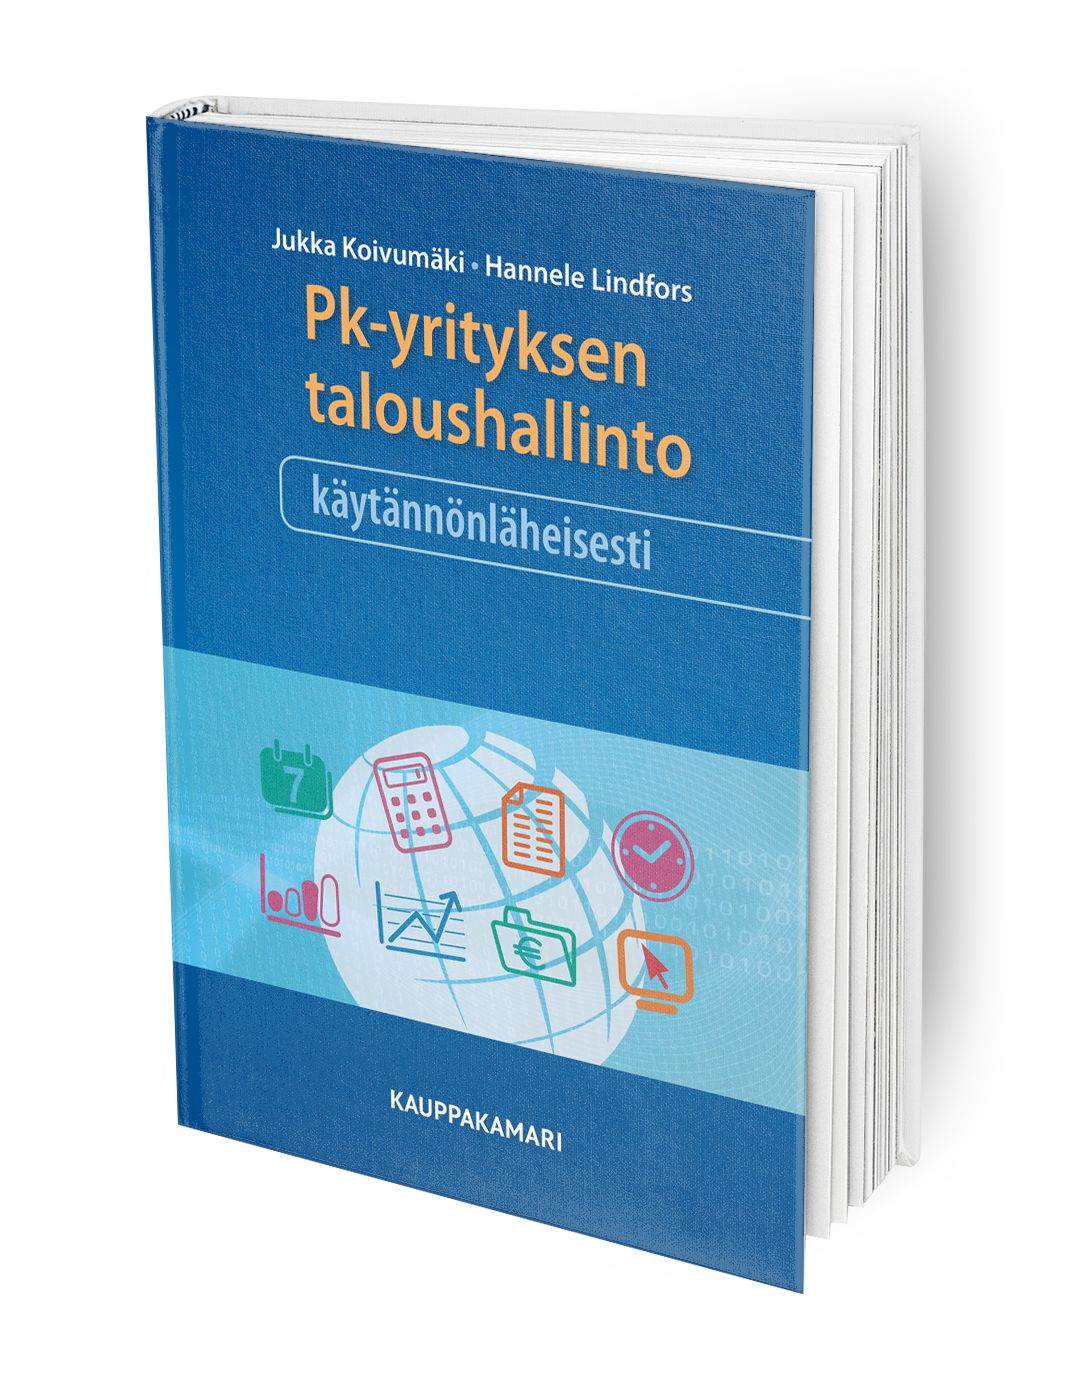 Kirja antaa kokonaiskäsityksen pk-yrityksen taloushallinnon järjestämisestä ja parhaista käytännöistä.